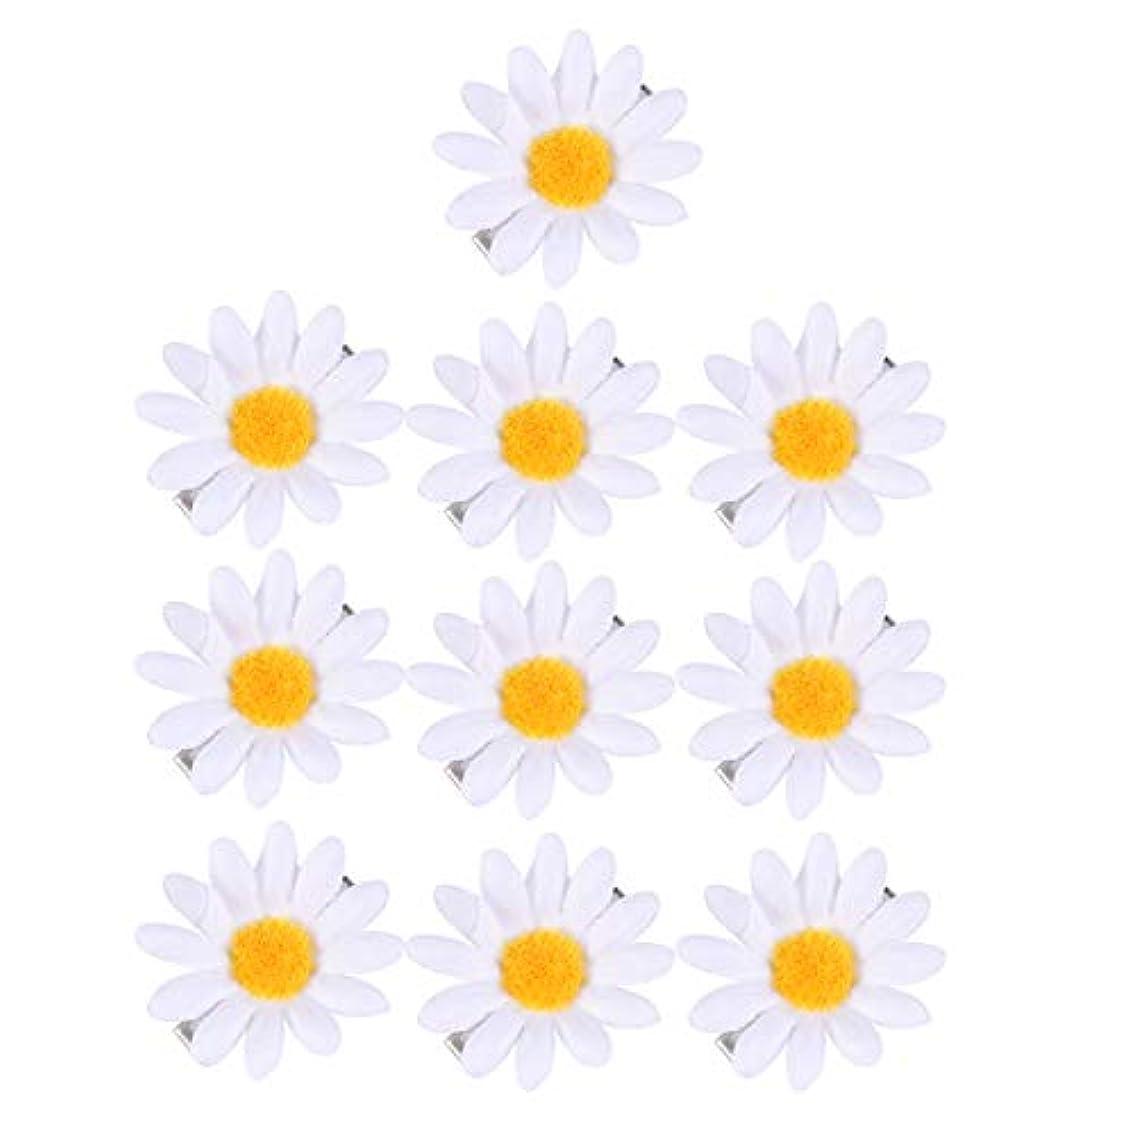 ヤングプレゼンテーション香港Beaupretty 20ピースかわいいデイジーヘアクリップひまわり新鮮な髪のバレッタヘアピン女の子のための(ホワイト)